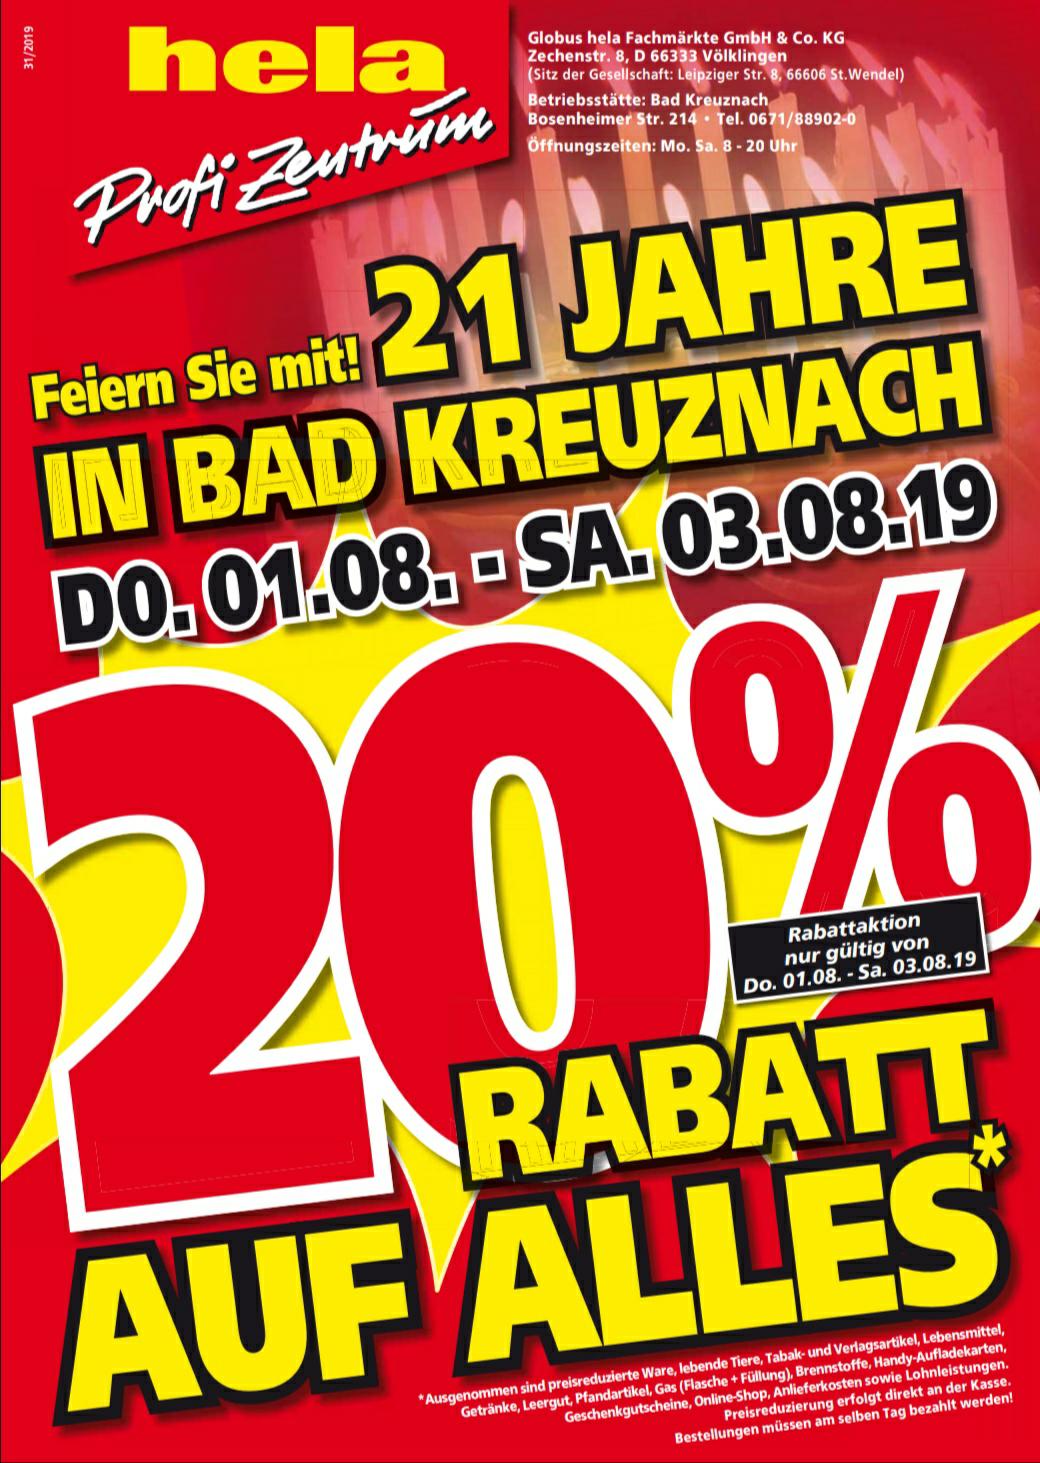 [Hela Baumarkt Bad Kreuznach] 20% vom 1.08-3.08. Tiefpreisgarantie für vieles möglich - z.B. Kärcher S650 Kehrmaschine